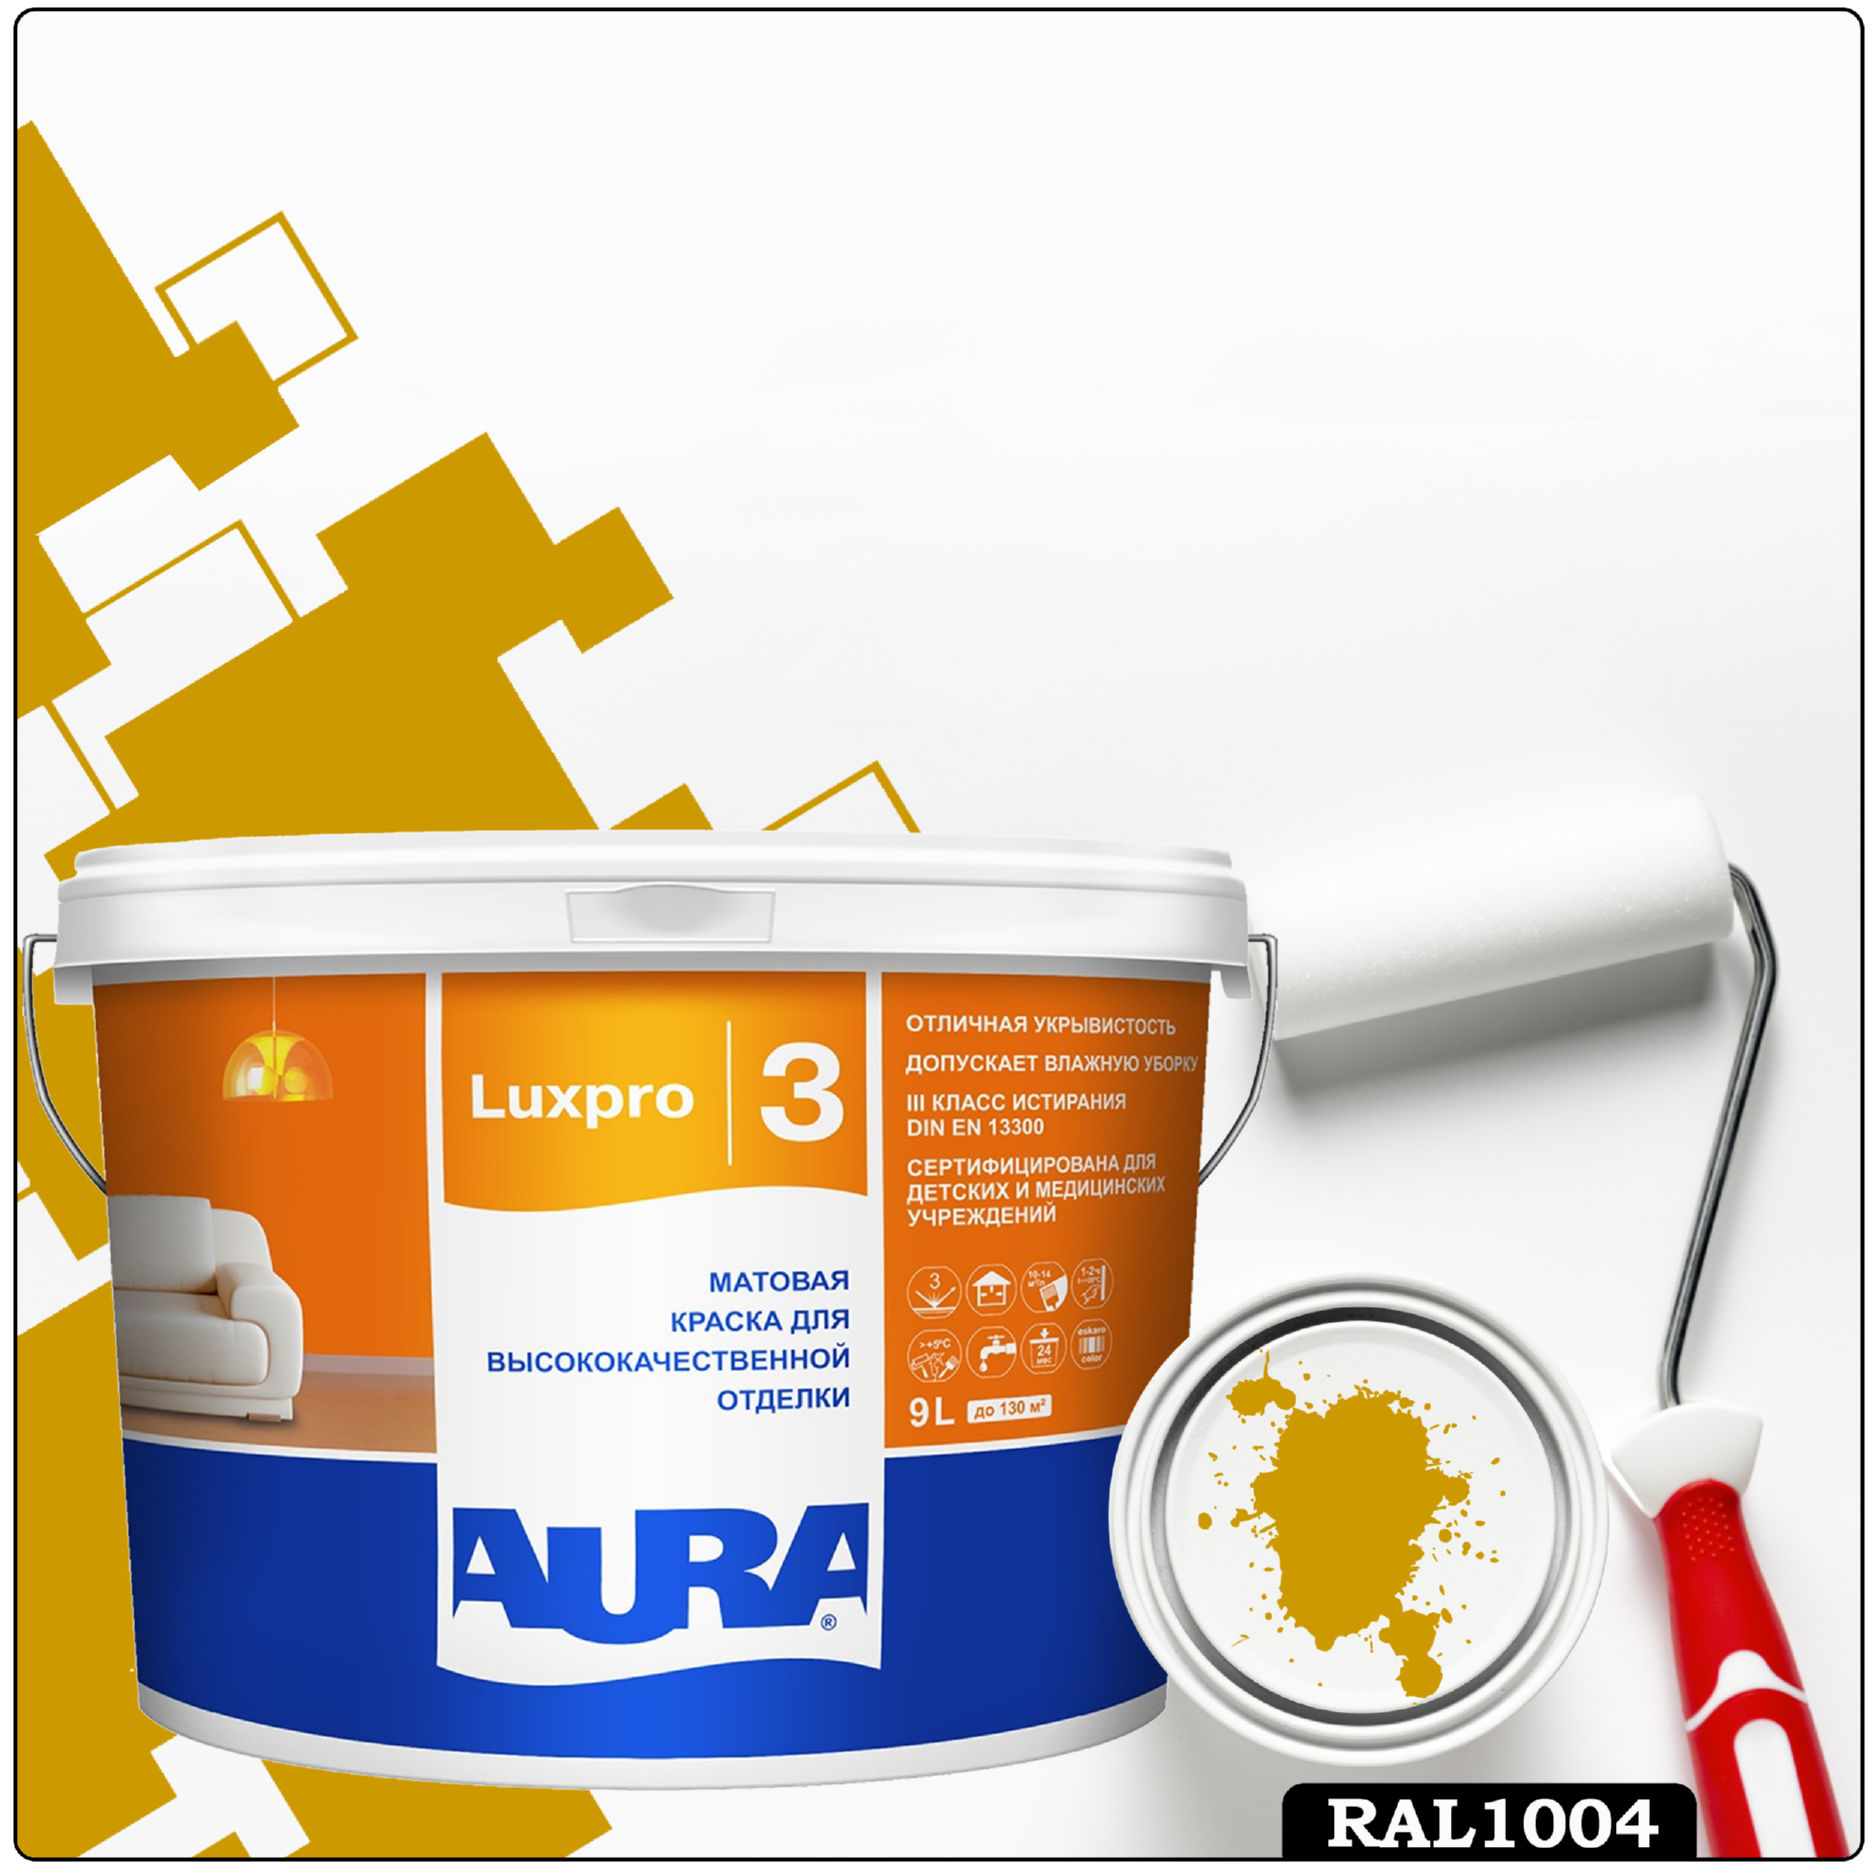 Фото 5 - Краска Aura LuxPRO 3, RAL 1004 Жёлто-золотой, латексная, шелково-матовая, интерьерная, 9л, Аура.